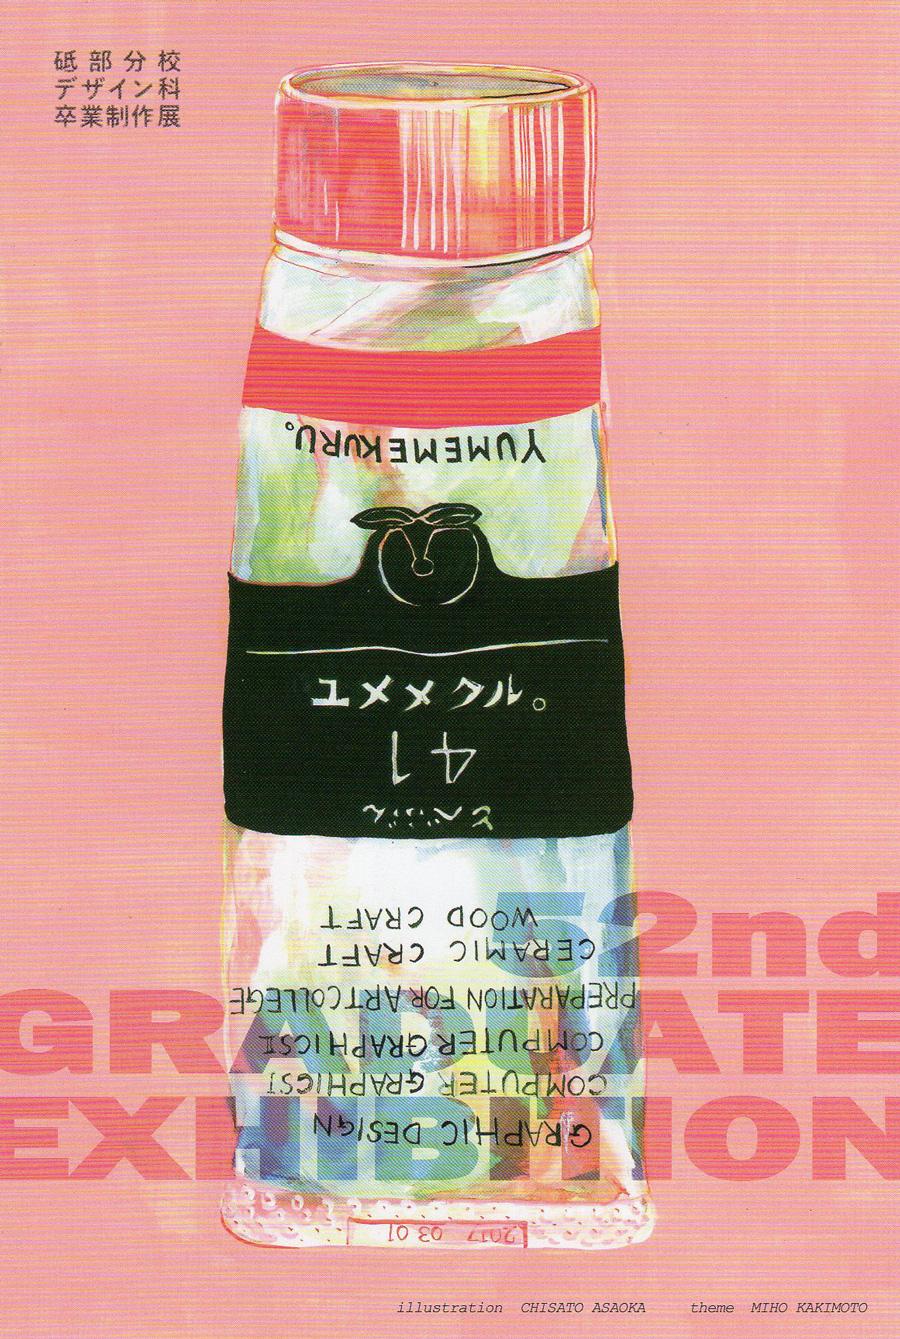 第52回 愛媛県立松山南高等学校 砥部分校 デザイン科 卒業制作展 ユメメクル。